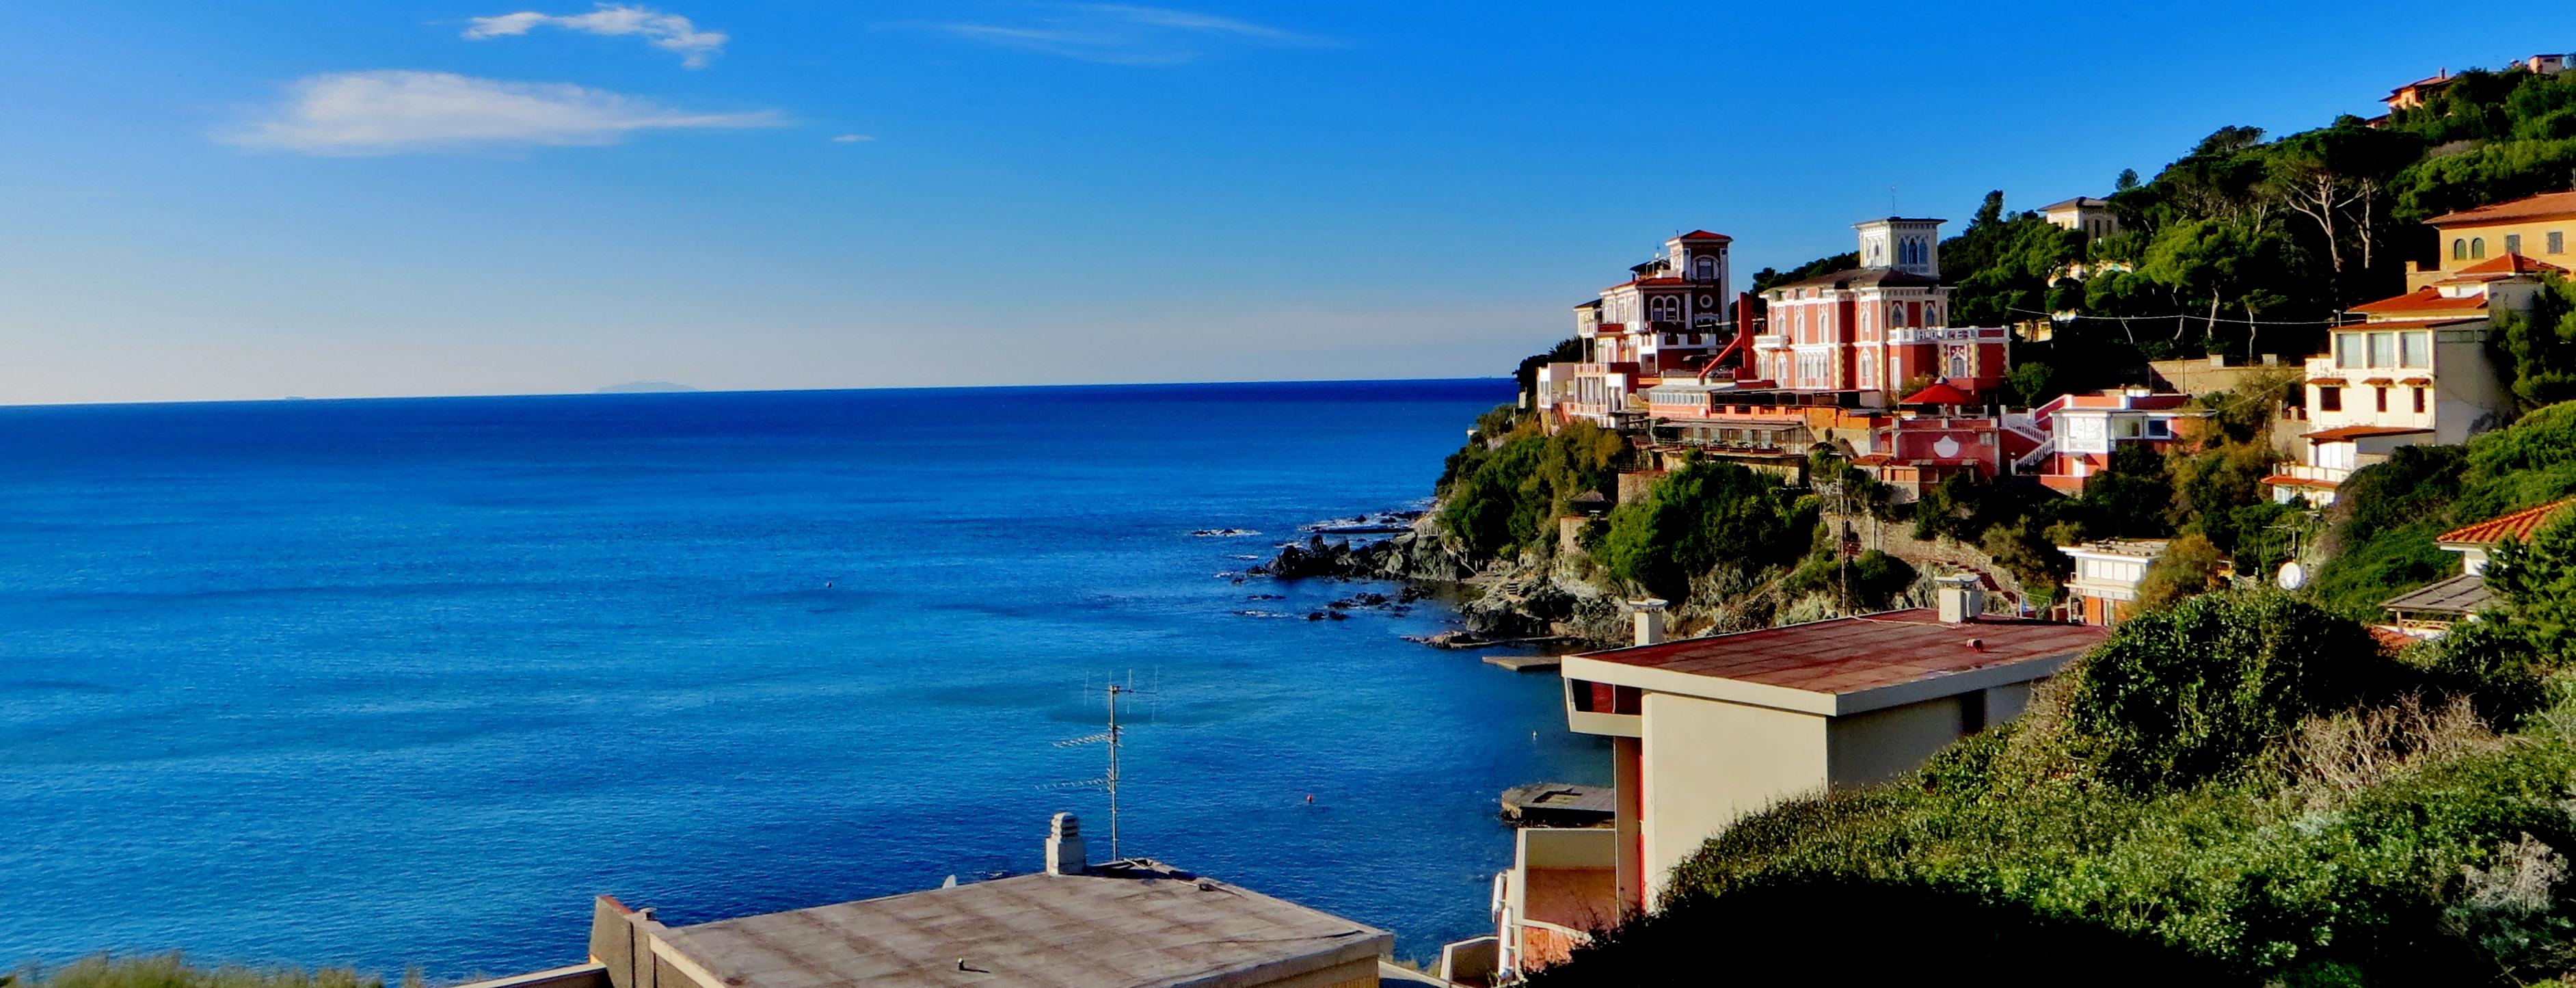 Livorno south